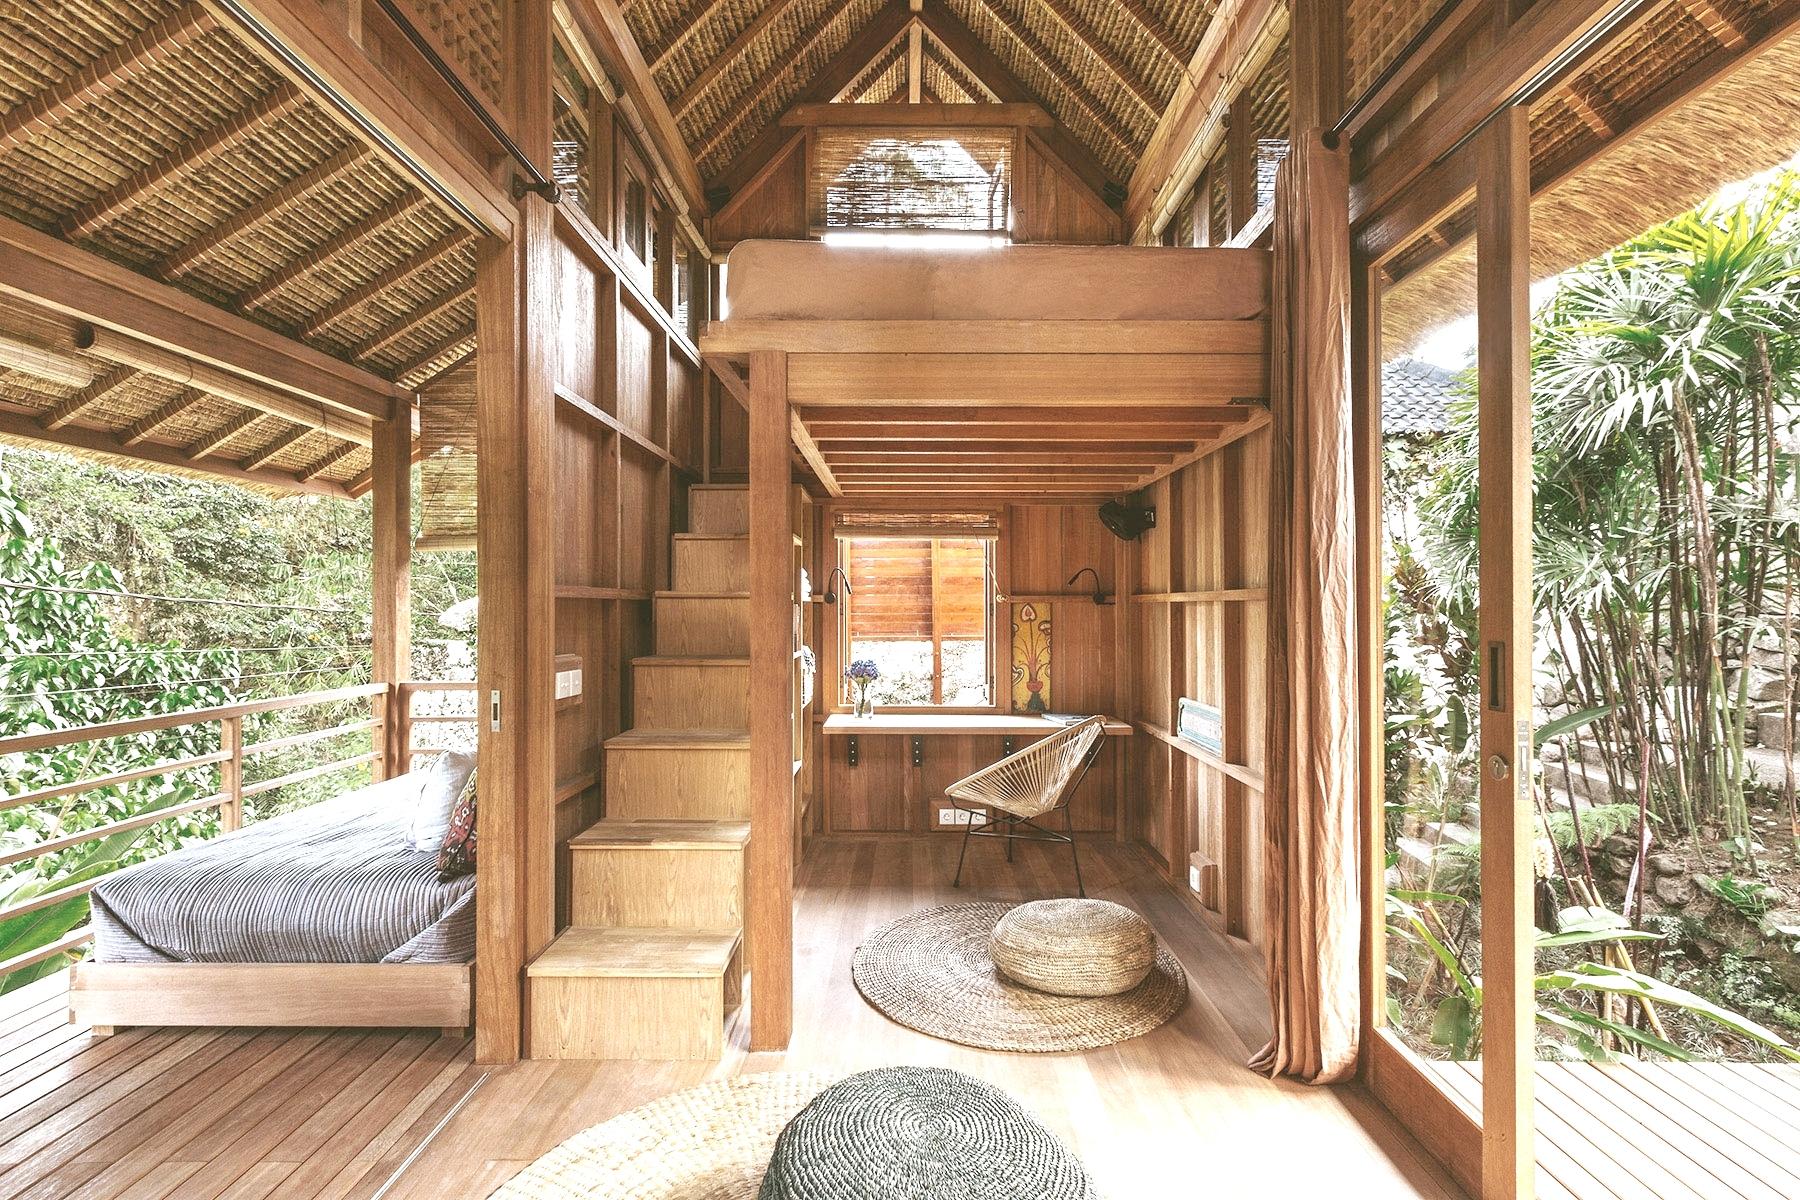 Tiny Tall Haus Ubud Getaway! - Tiny houses for Rent in Kecamatan